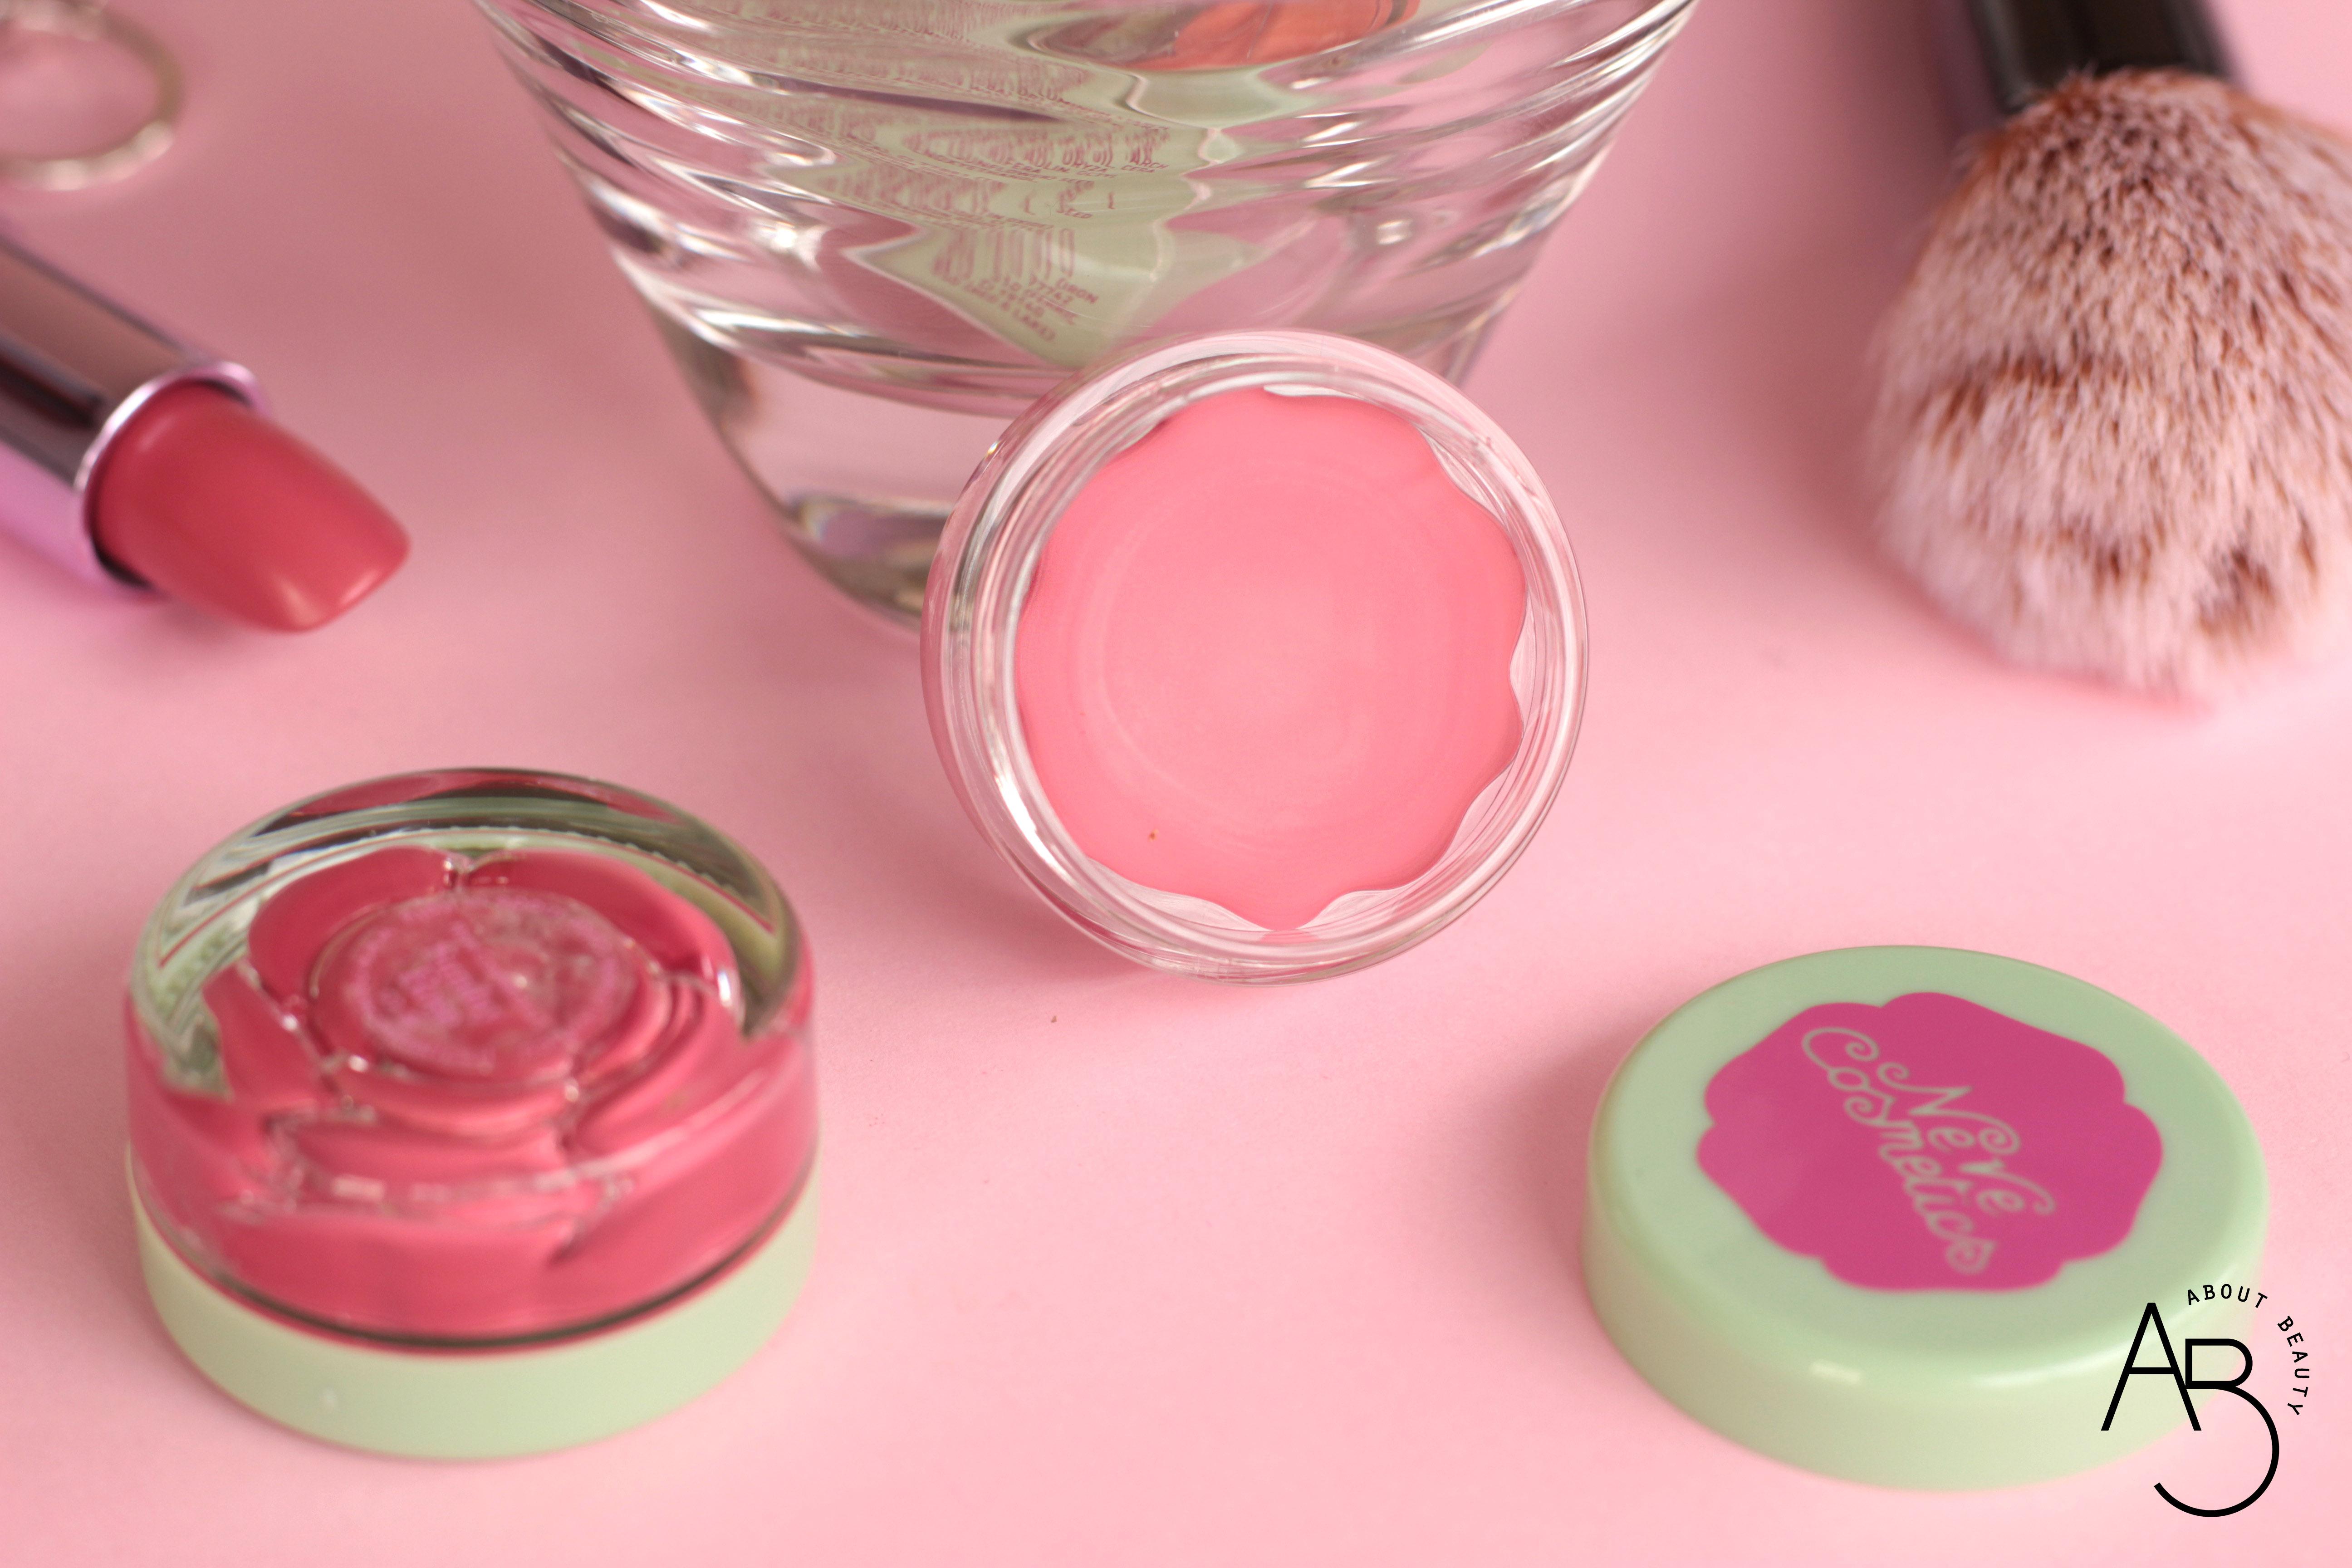 Blush Garden Neve Cosmetics: recensione, review, swatch, opinioni, sconto, dove acquistare, prezzo - Saturday Rose